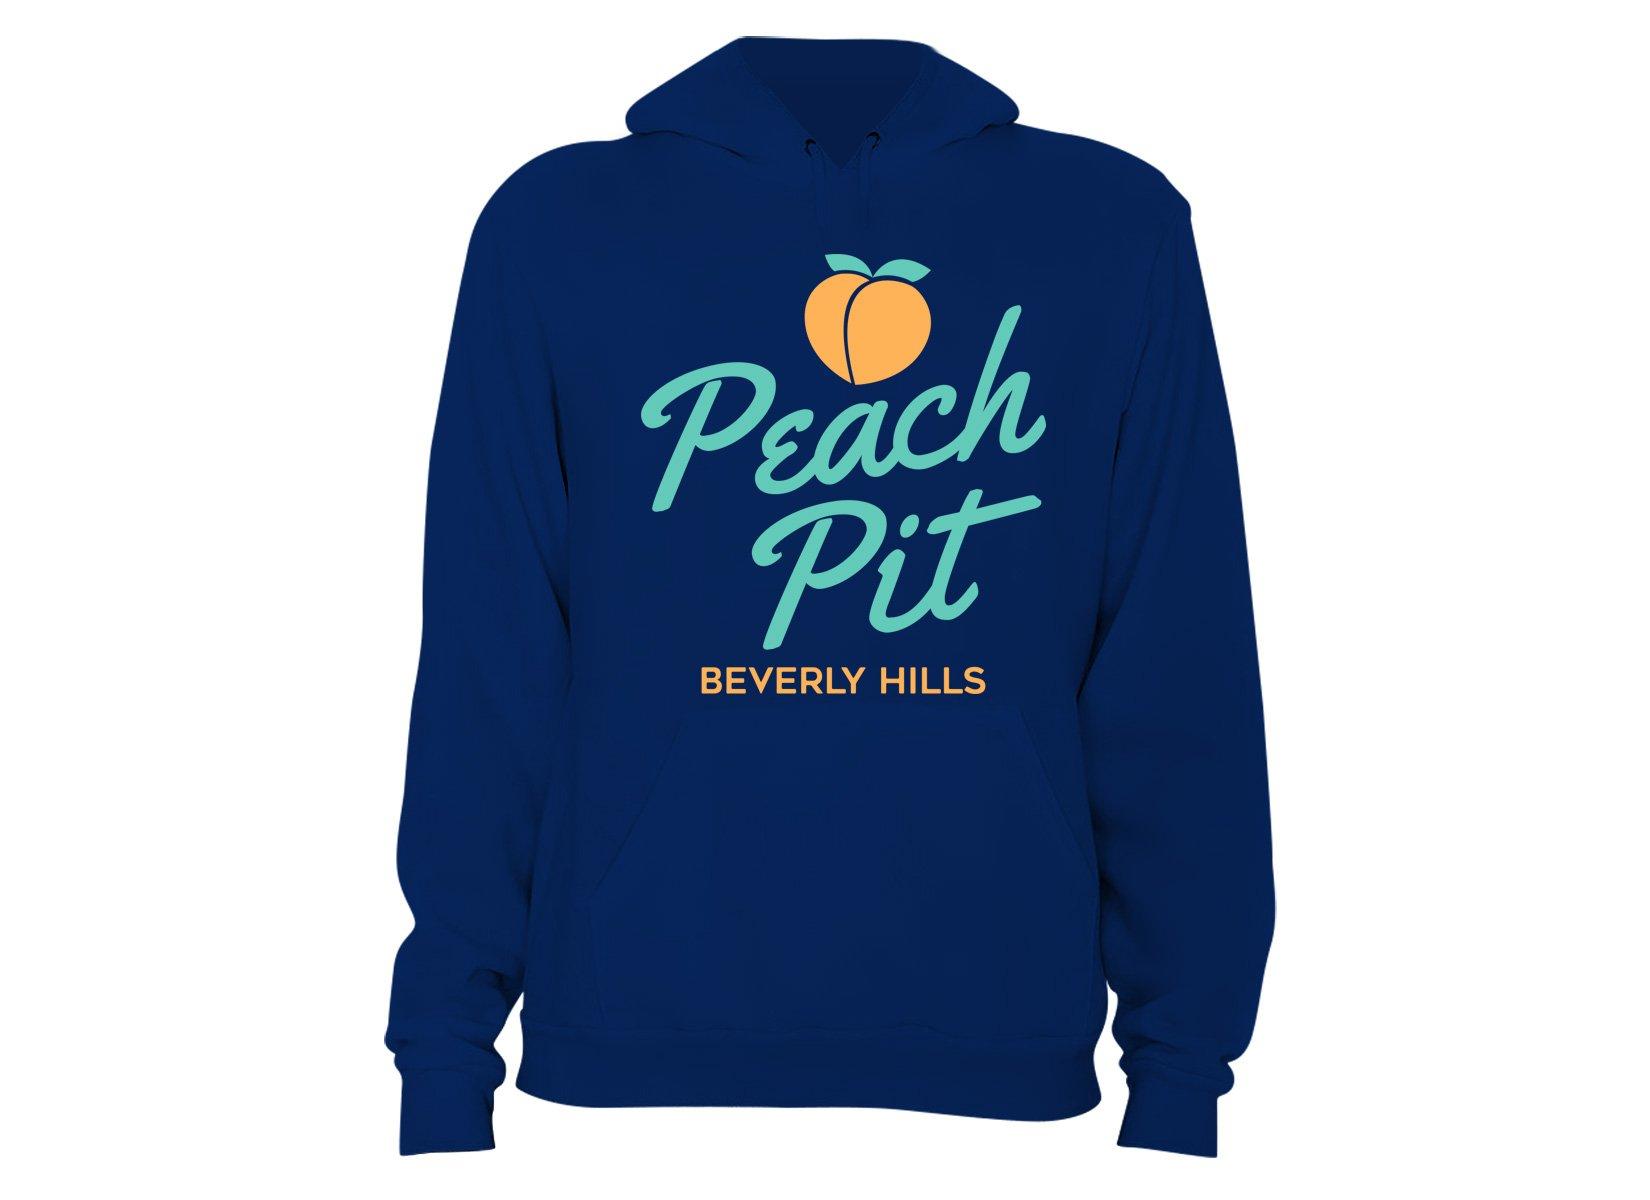 Peach Pit on Hoodie